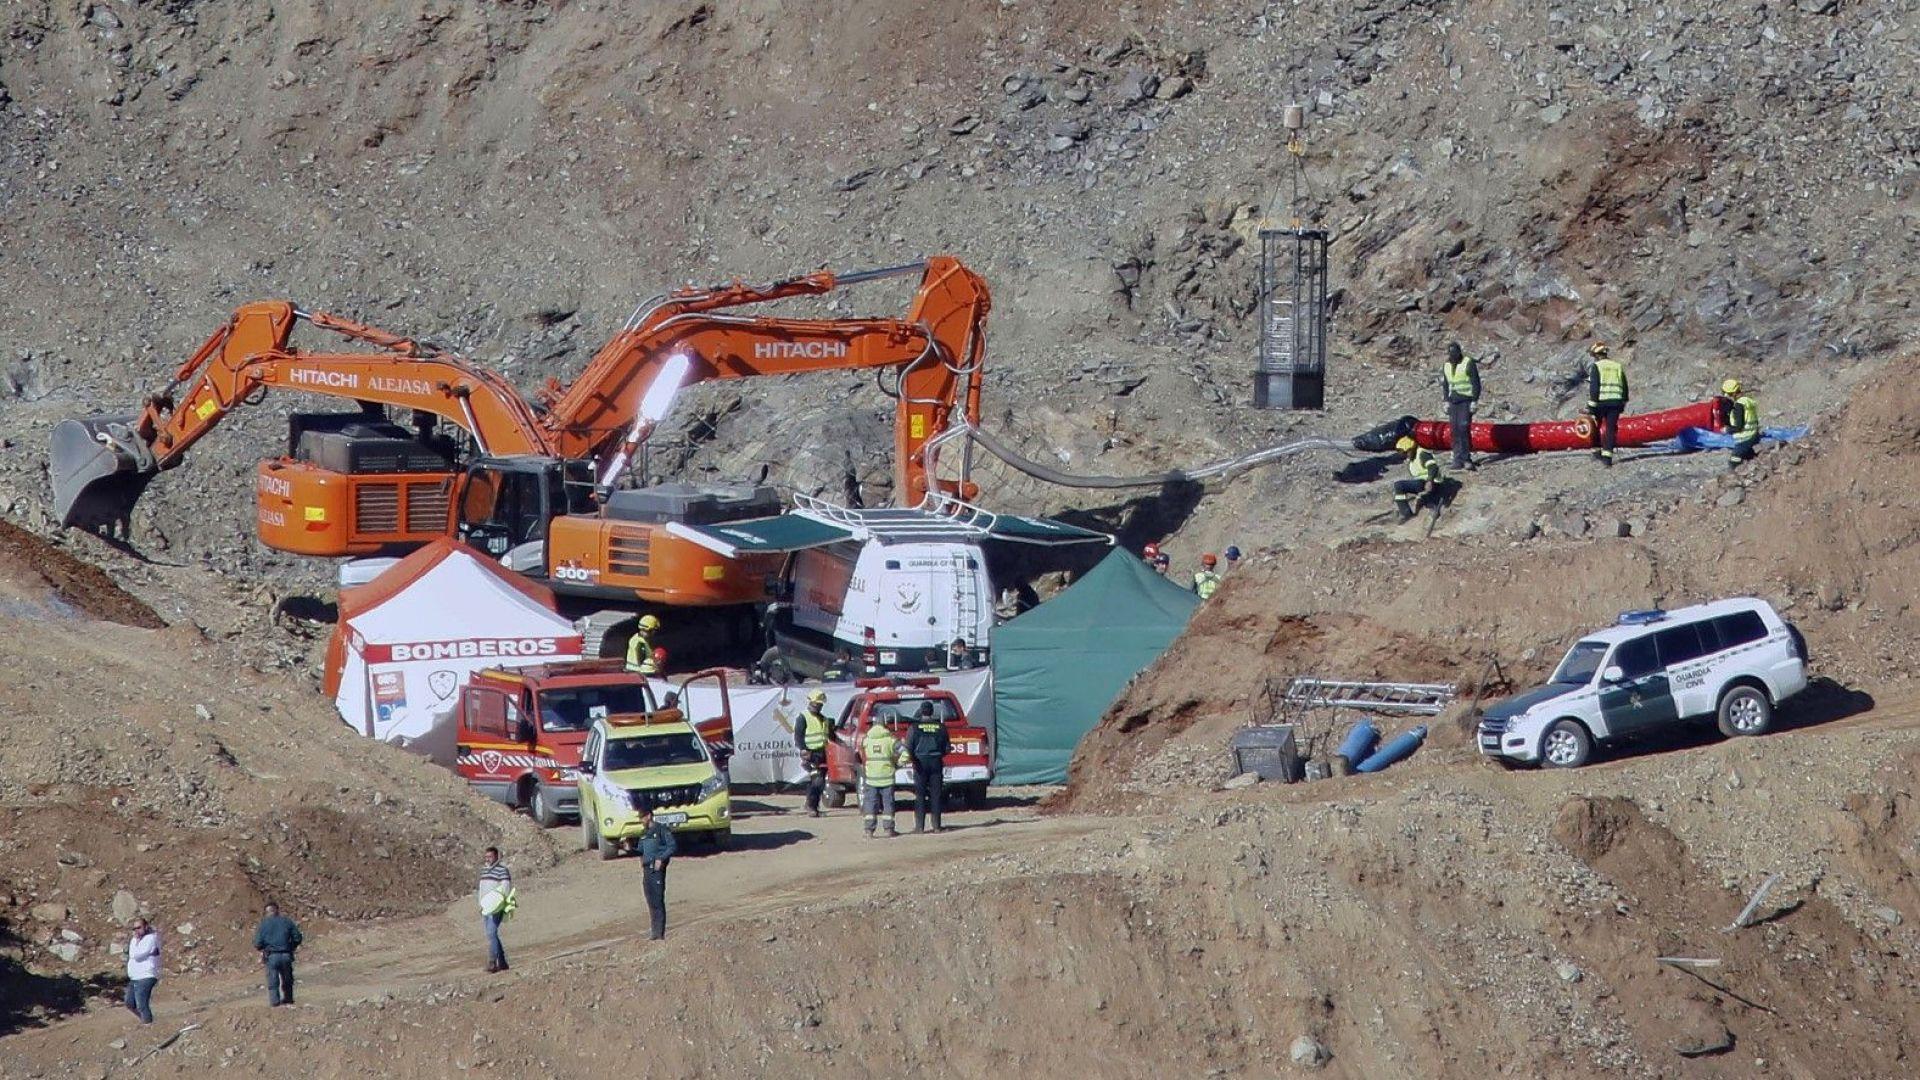 Откриха мъртво момченцето, което падна в дълбока шахта край Малага